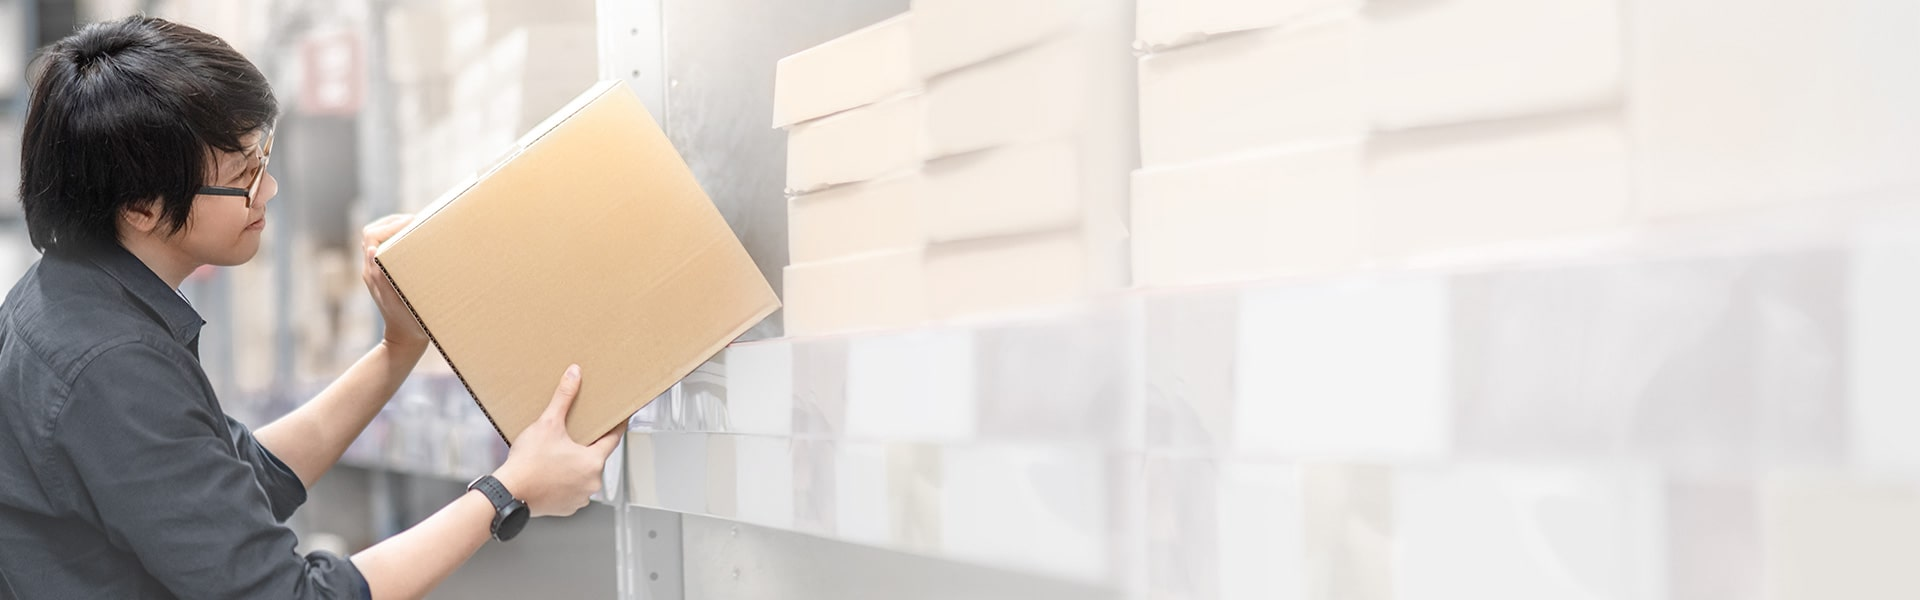 Artikelverwaltung im VARIO Warenwirtschaftssystem